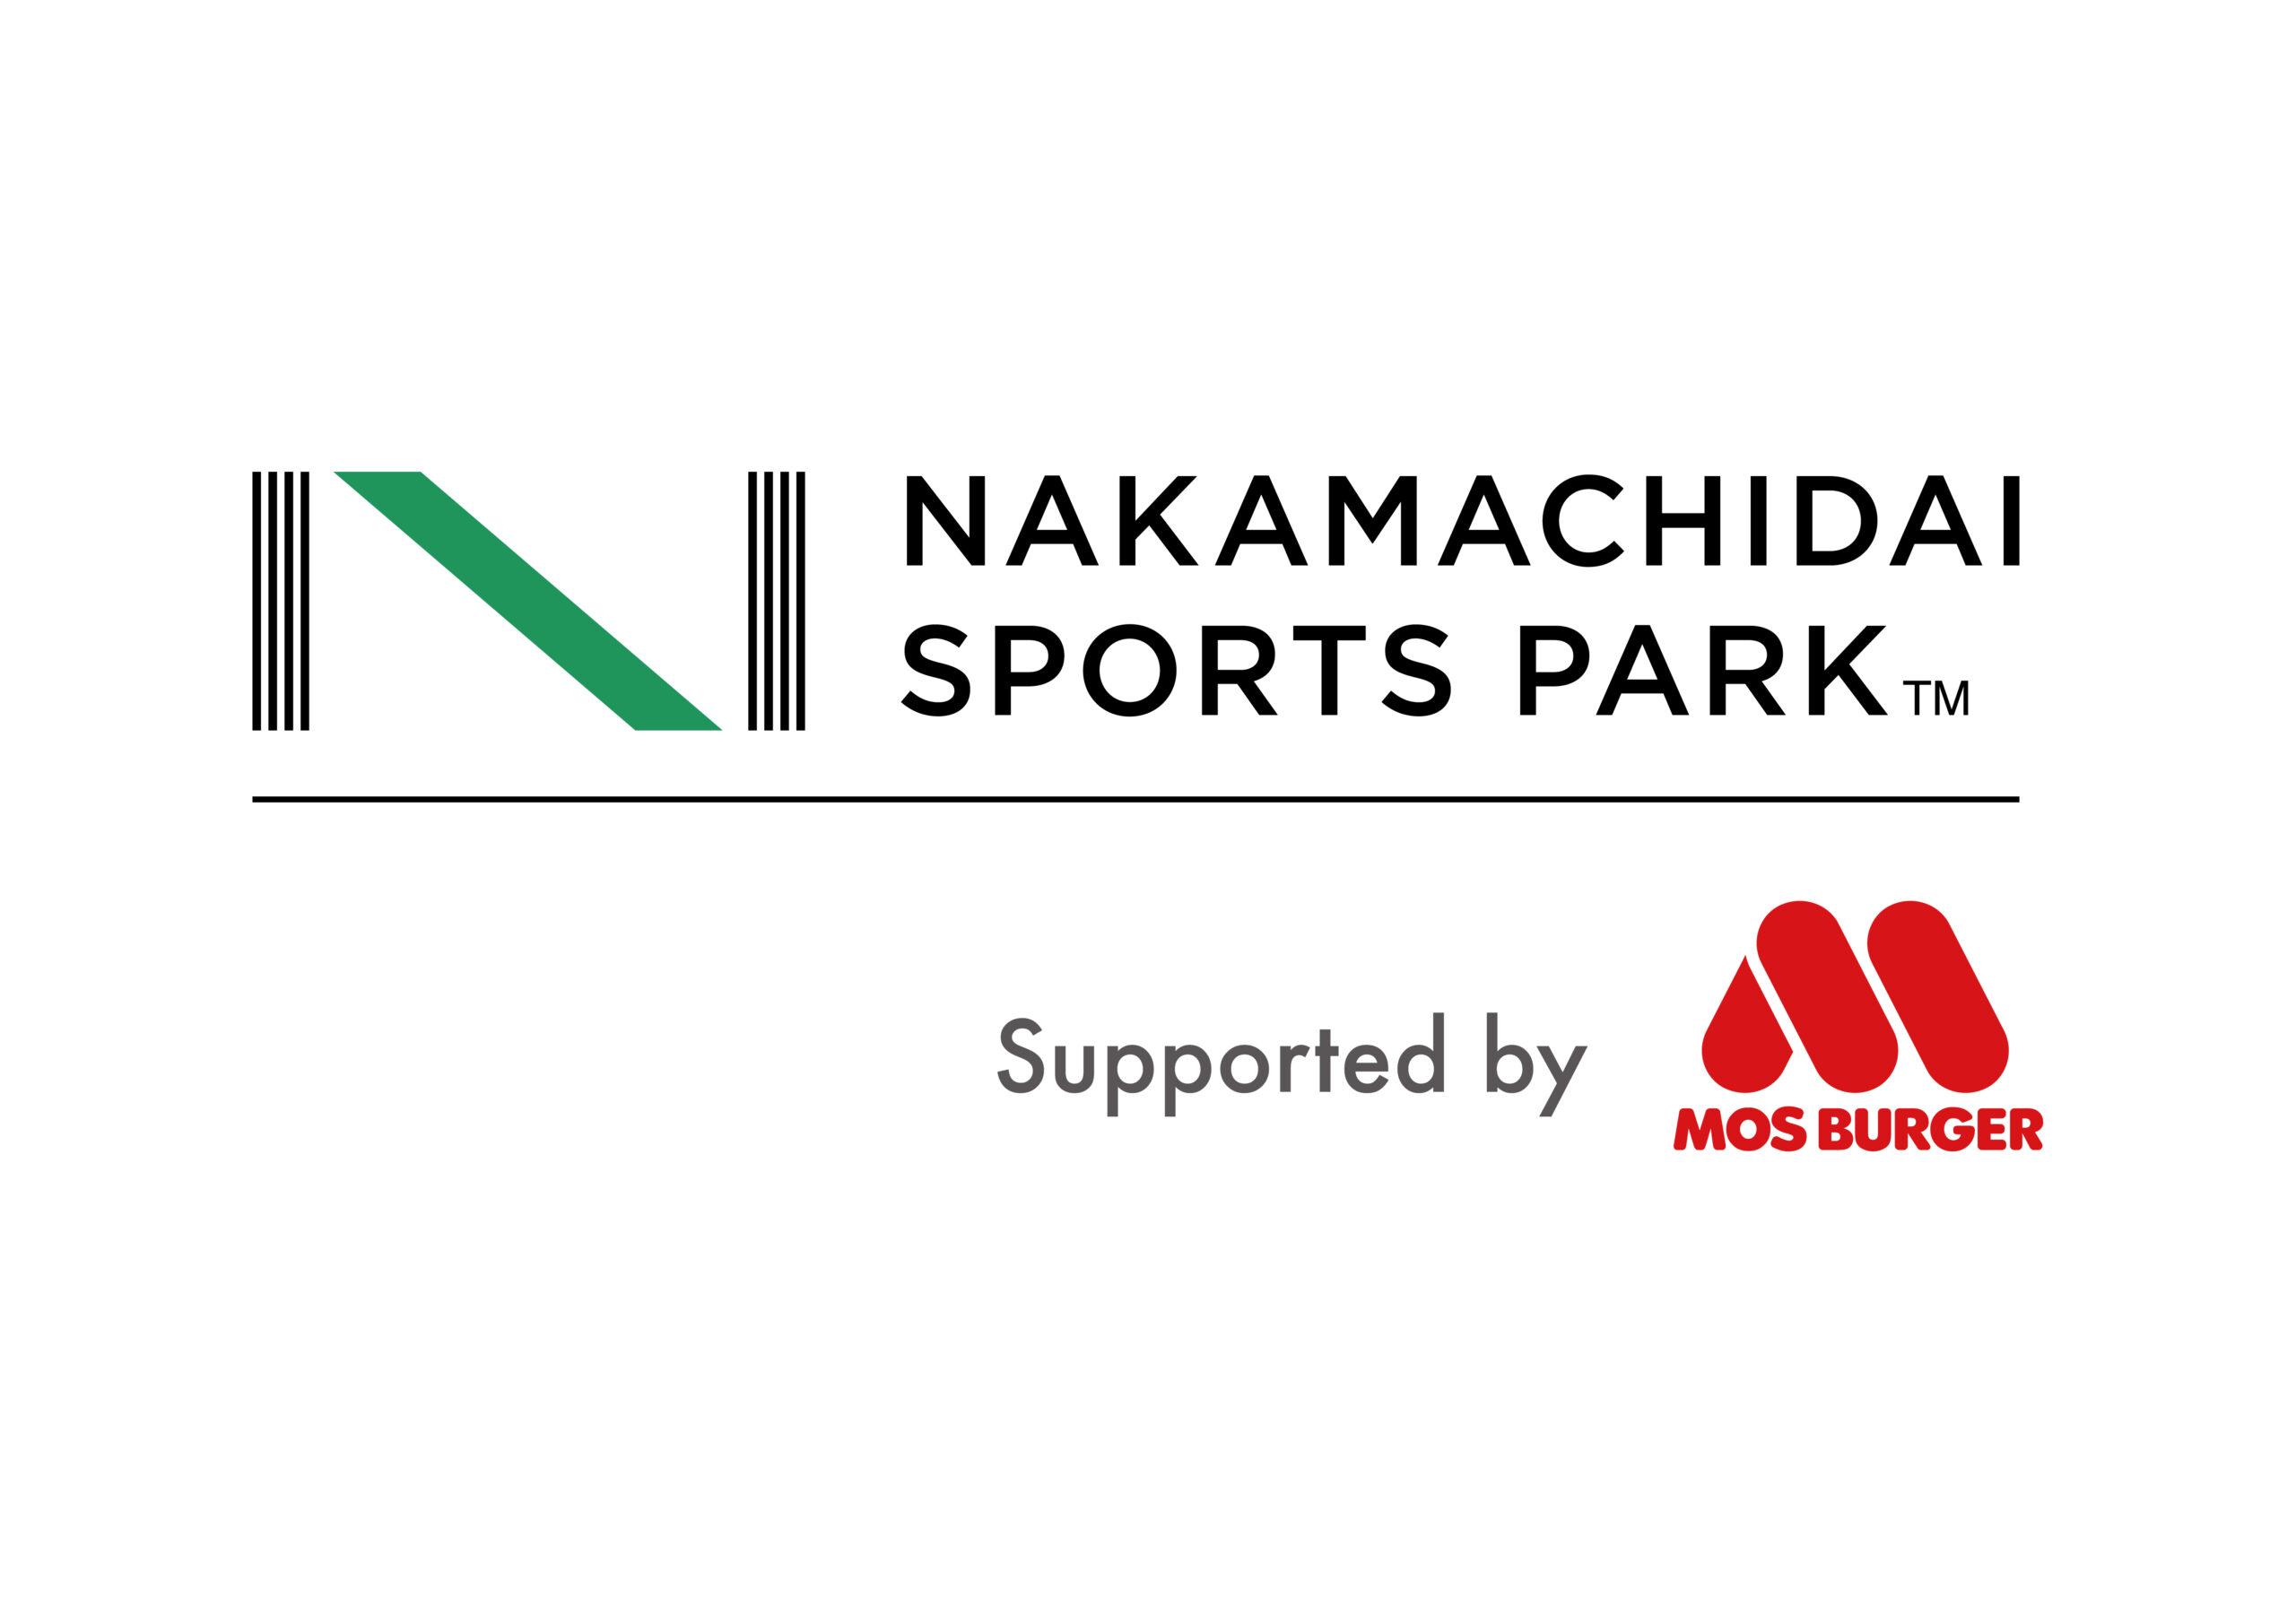 モスバーガーが横浜市の子ども専用スポーツ施設のネーミングライツを取得